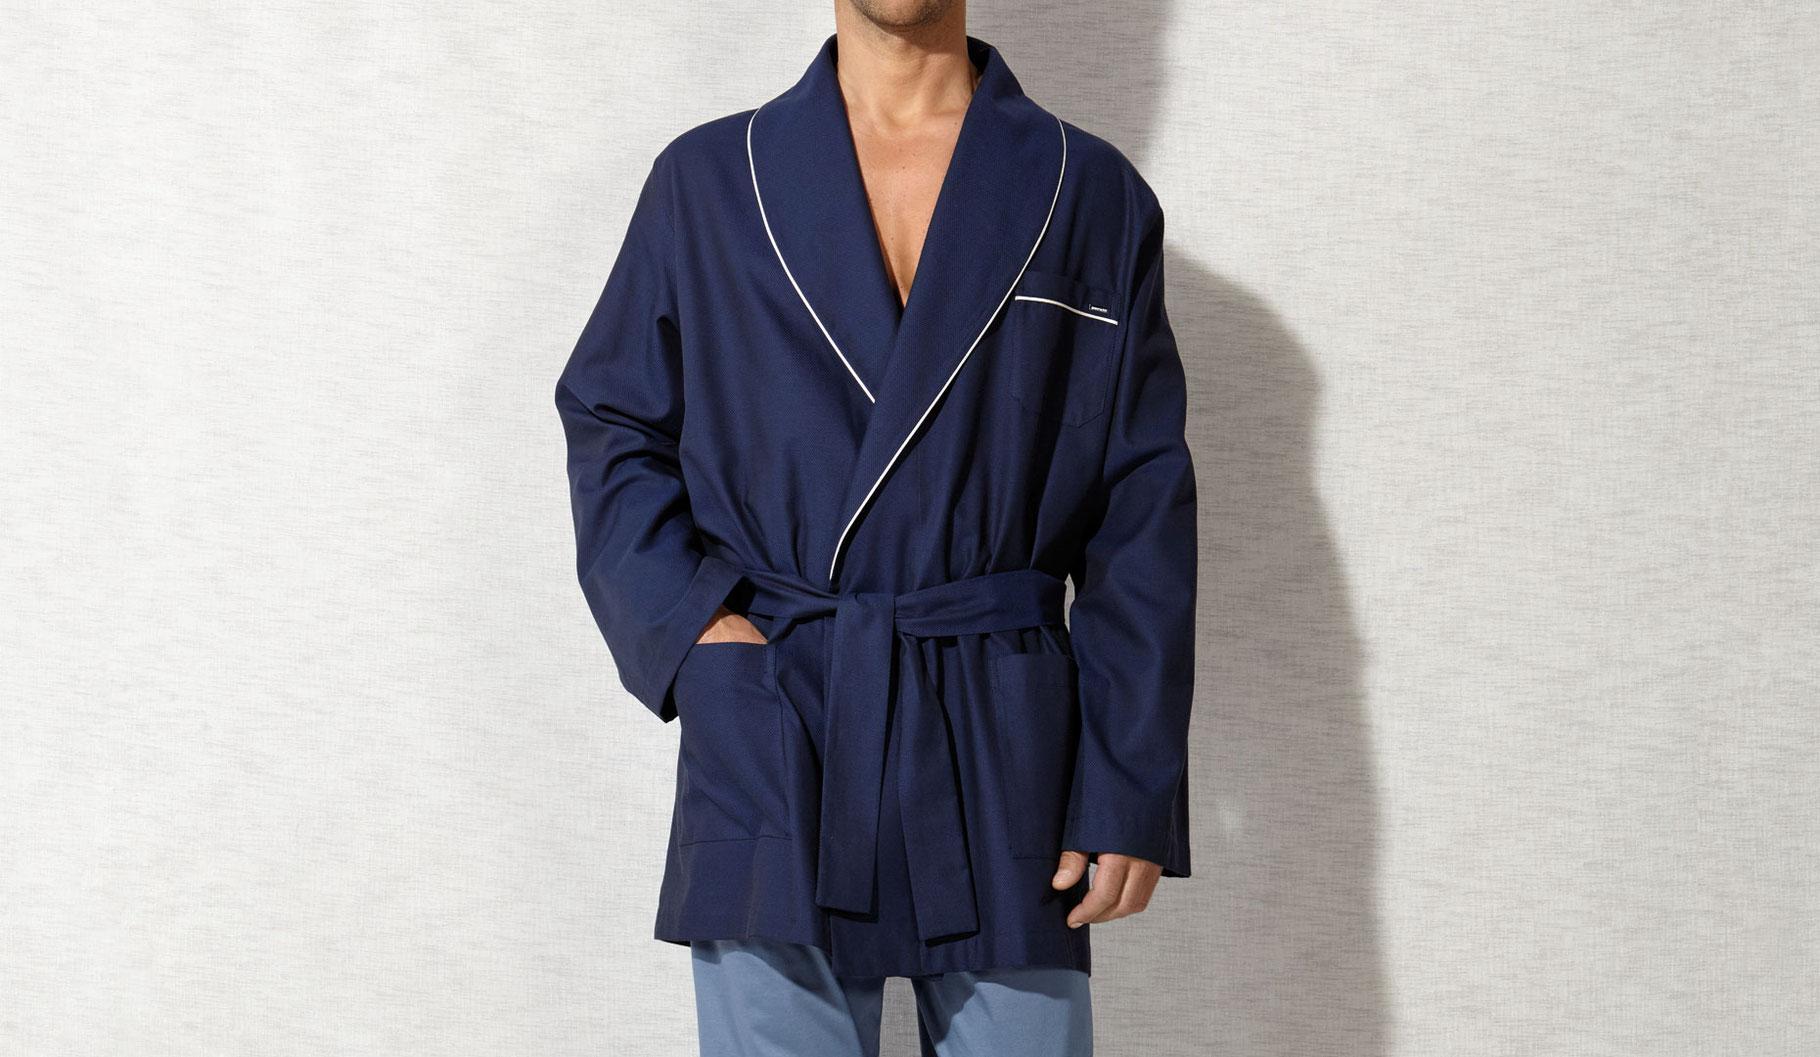 Giacca Da Camera Uomo Prezzo : Perofil giacca da camera maglieria camiceria bellucci